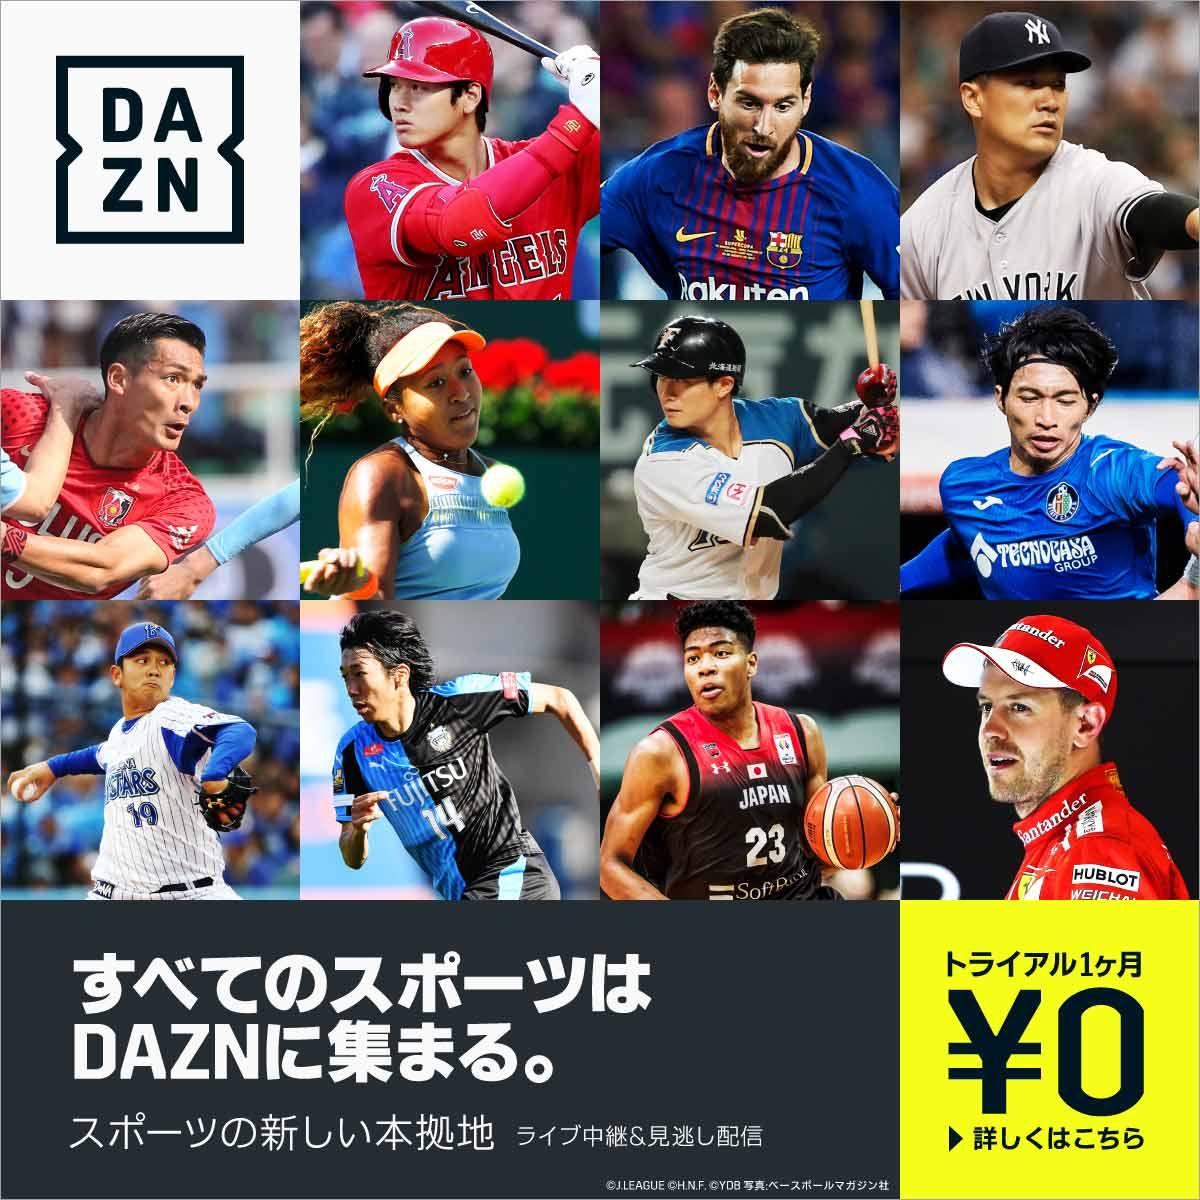 【さらに1カ月無料】DAZN